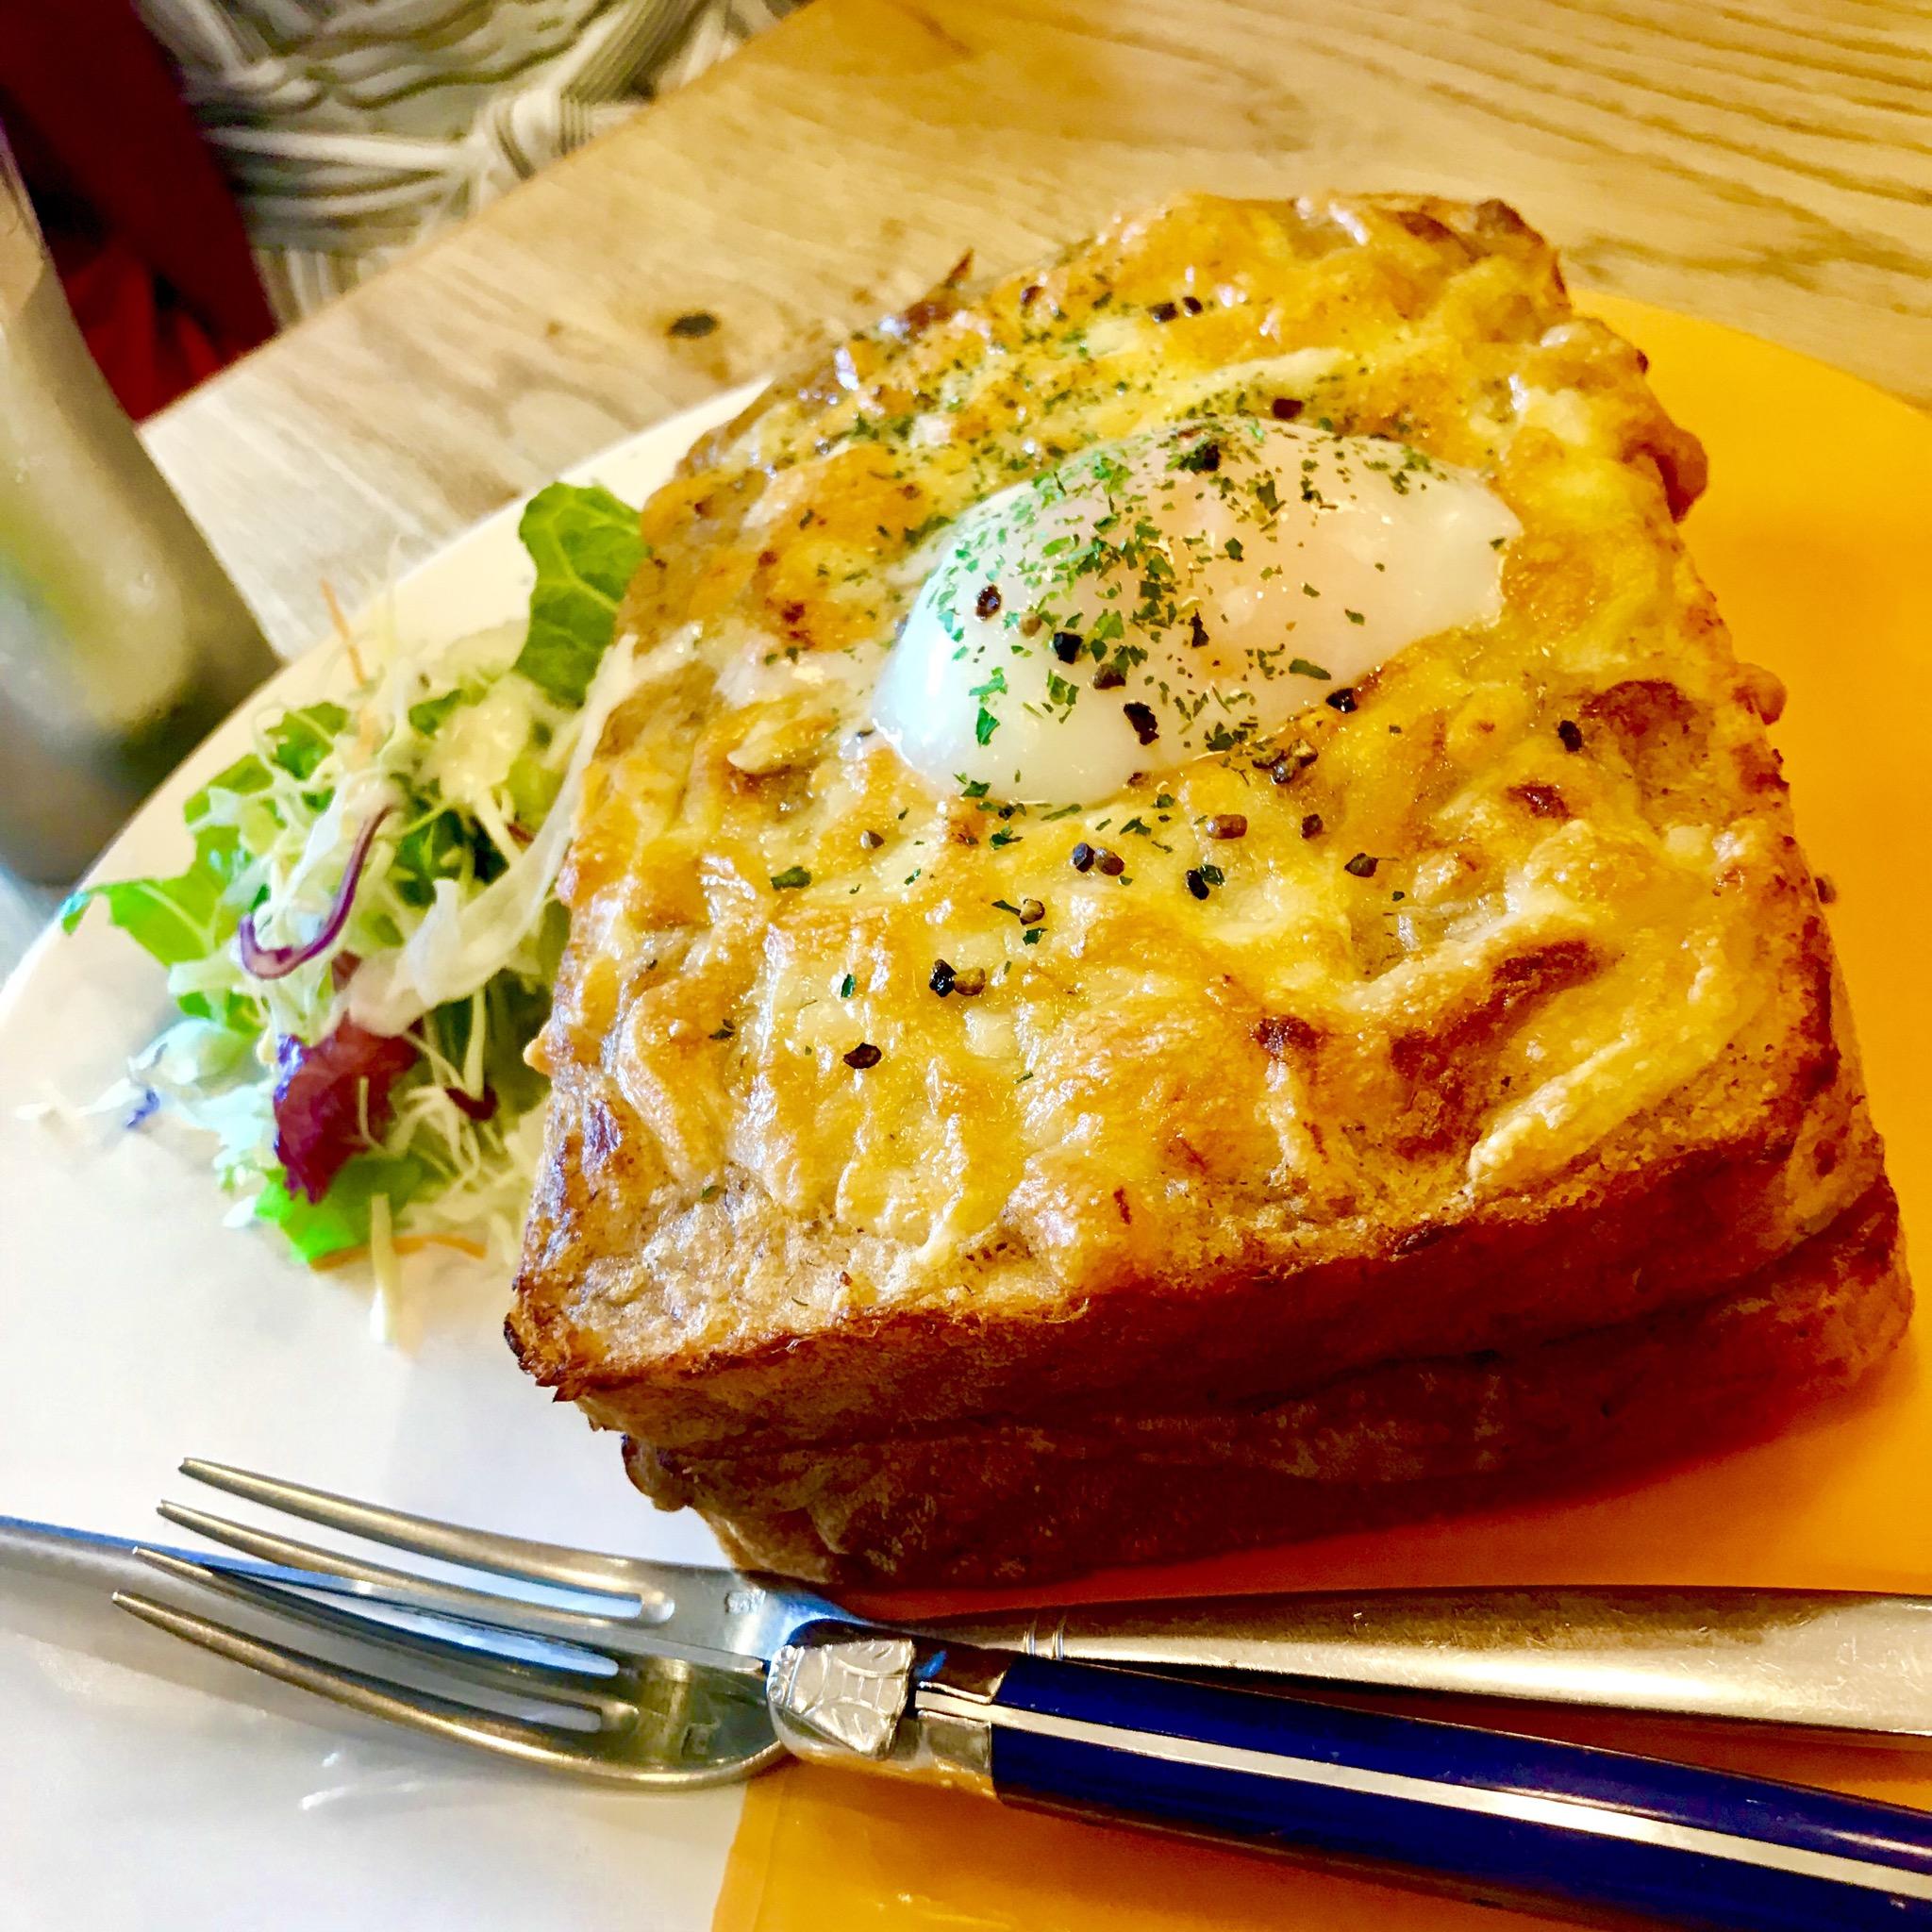 【オーダーチャンスは15分?!】俺のBakery&Cafeでふわもち食パン体験_3